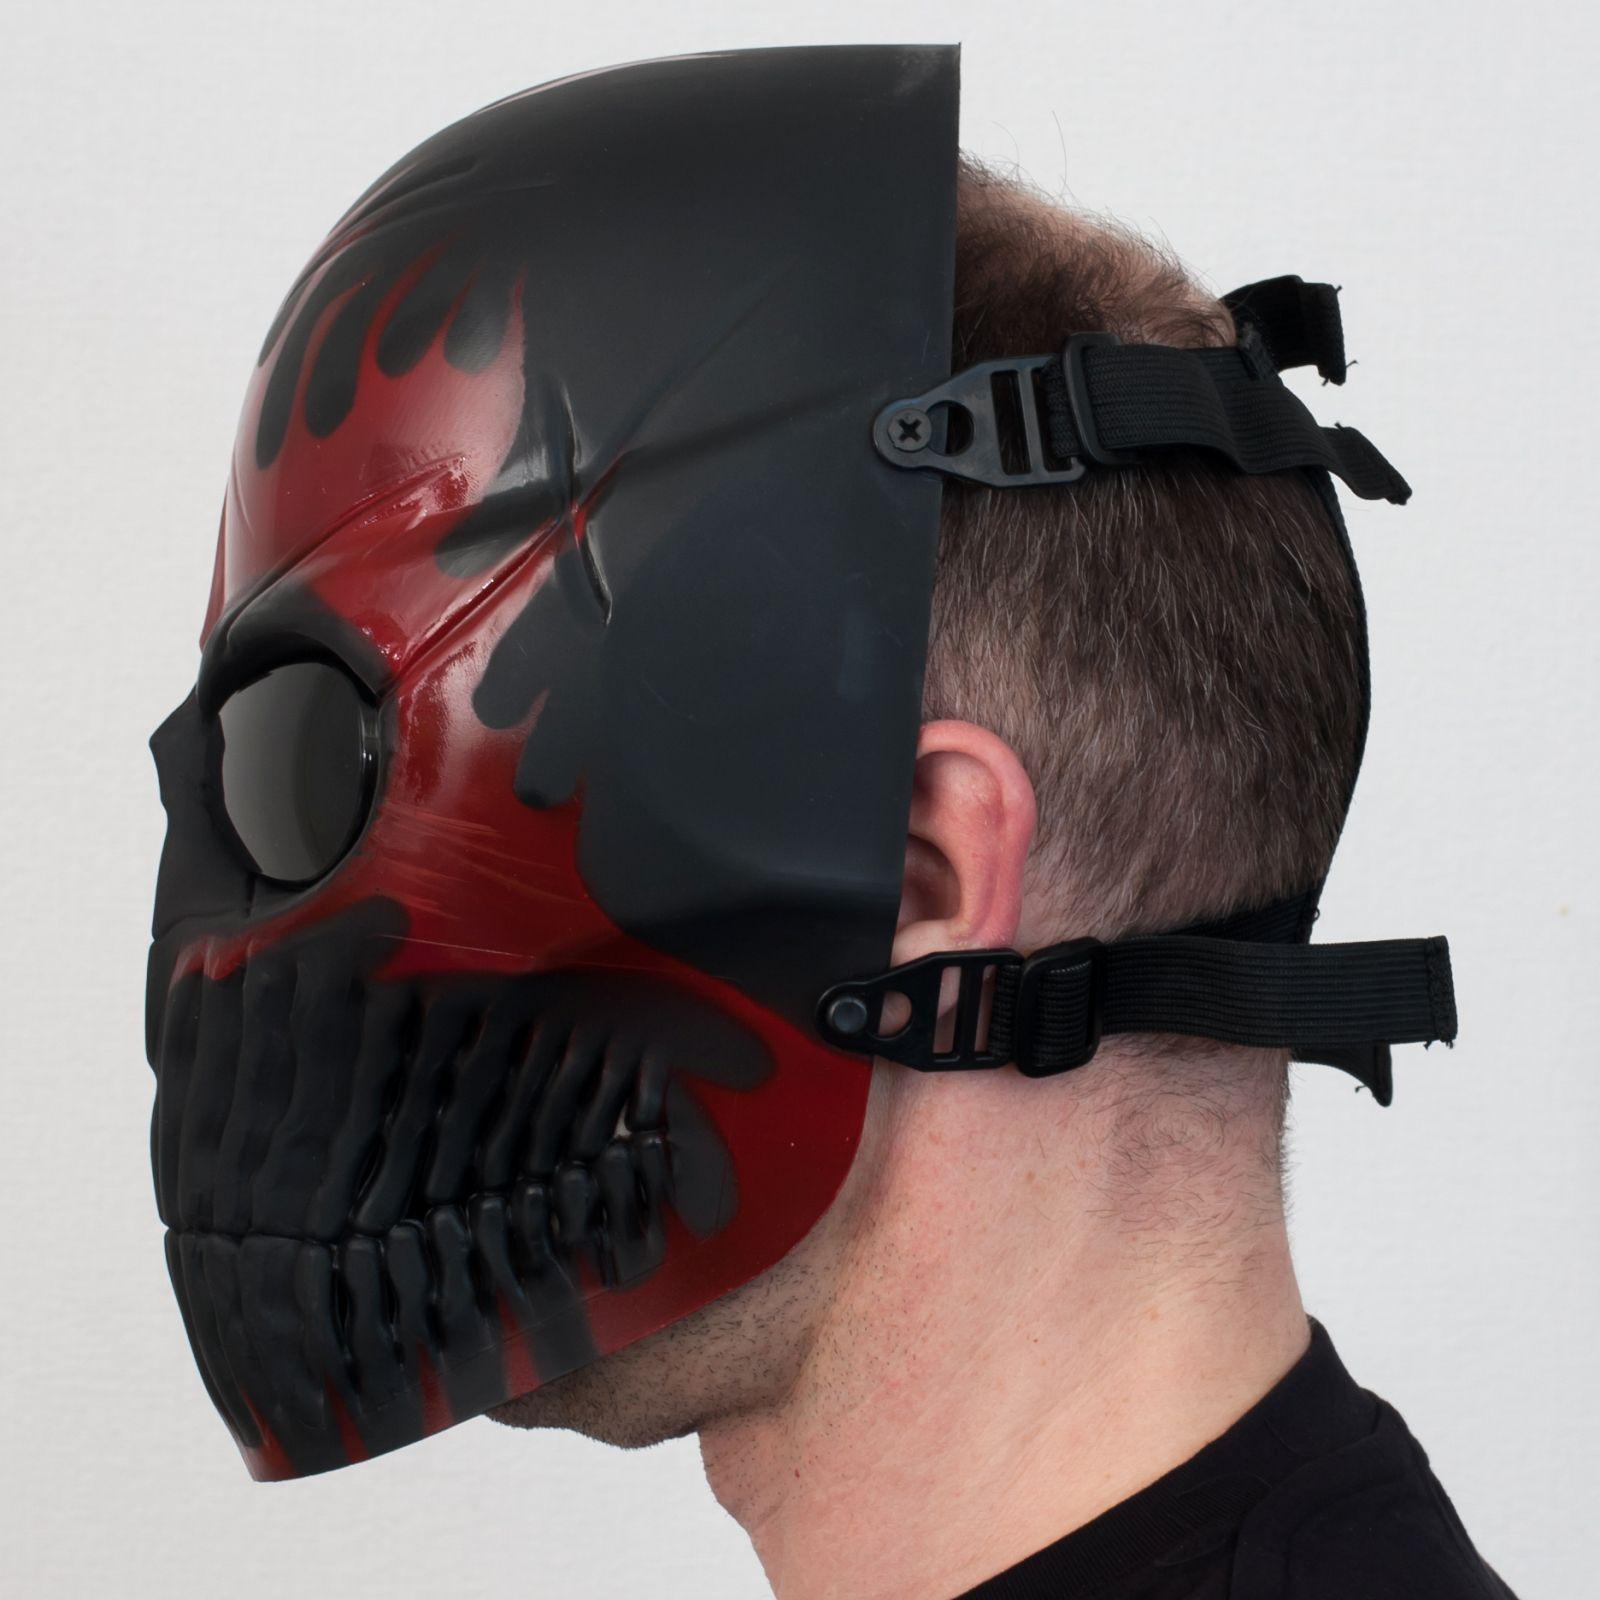 Заказать маску Призрачного гонщика